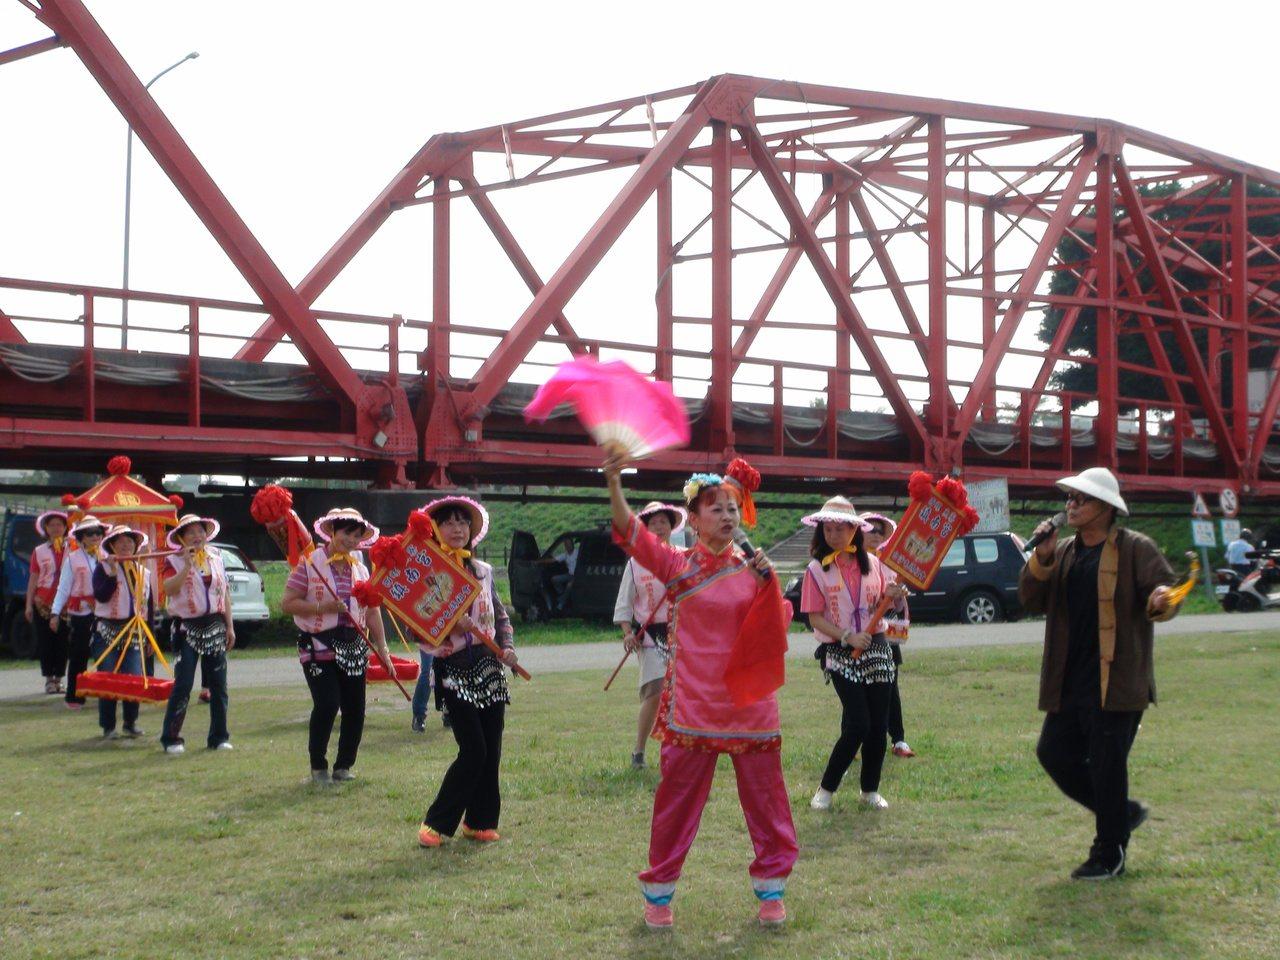 雲林縣西螺大橋觀光文化節將於本周末熱鬧展開,要帶民眾在大橋下野餐、路跑、騎乘腳踏...